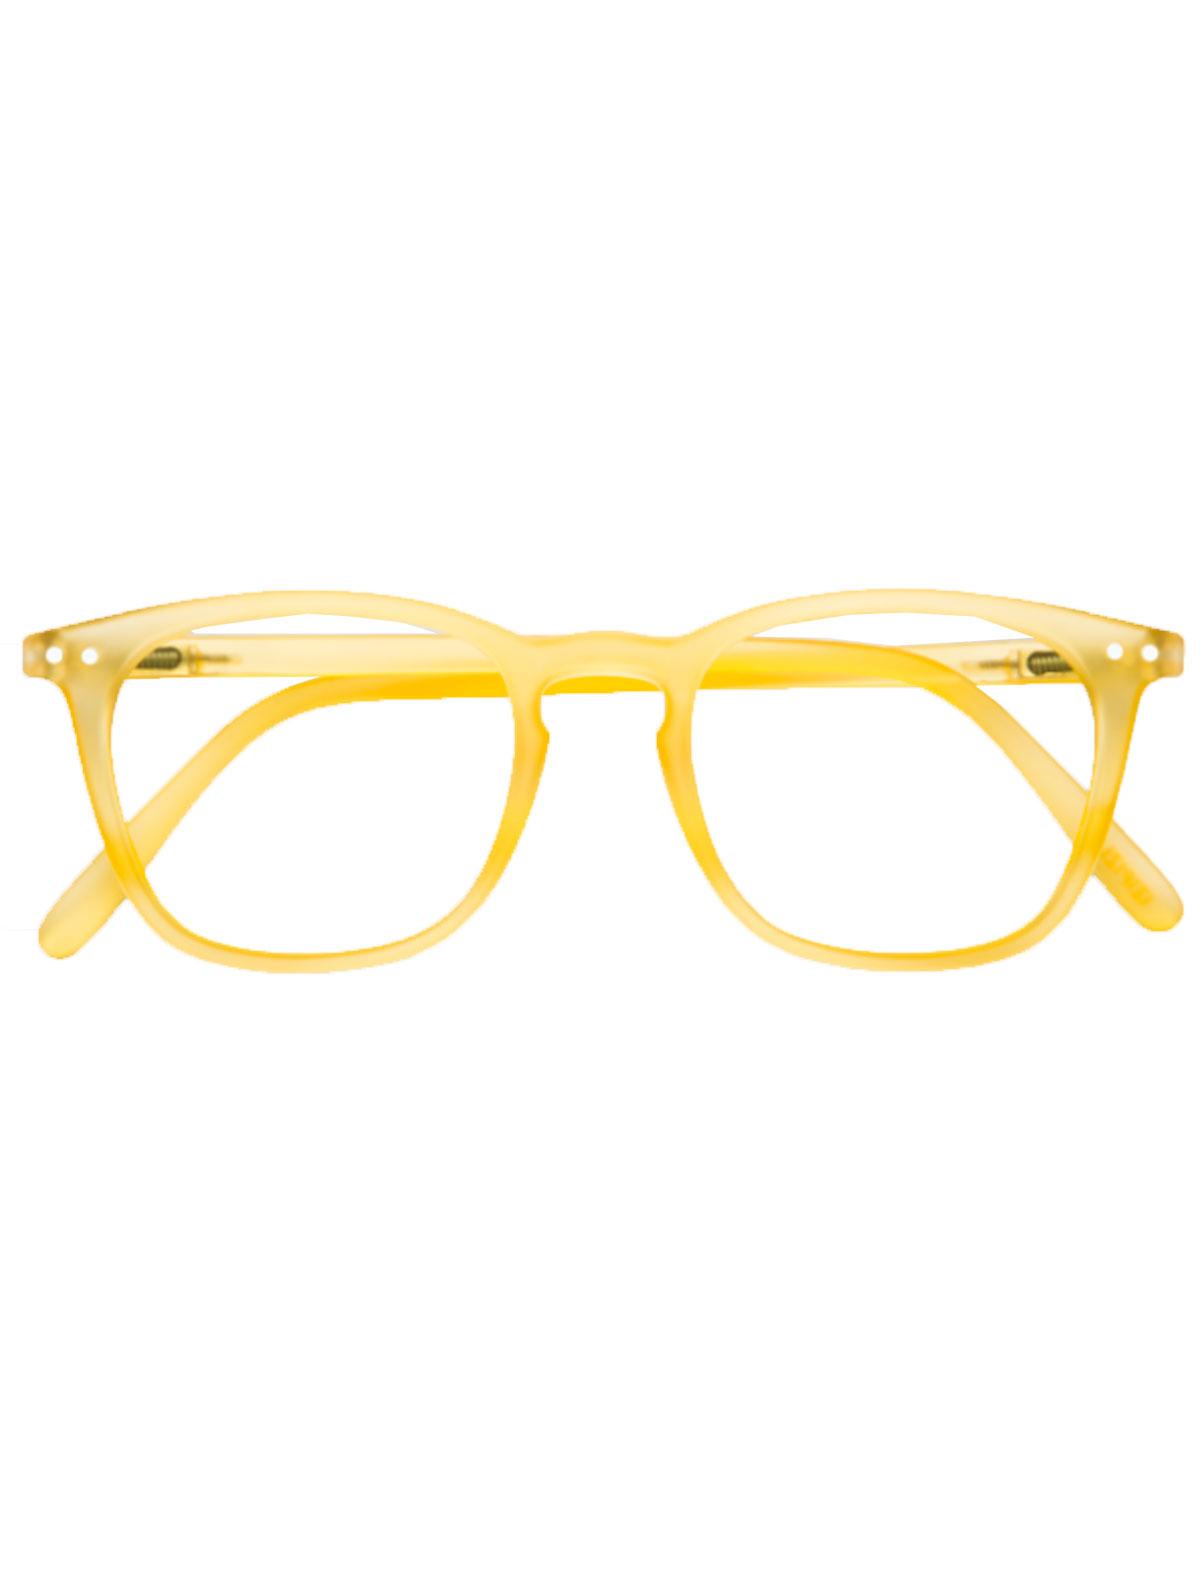 2260595, Очки IZIPIZI, желтый, 5254528080906  - купить со скидкой